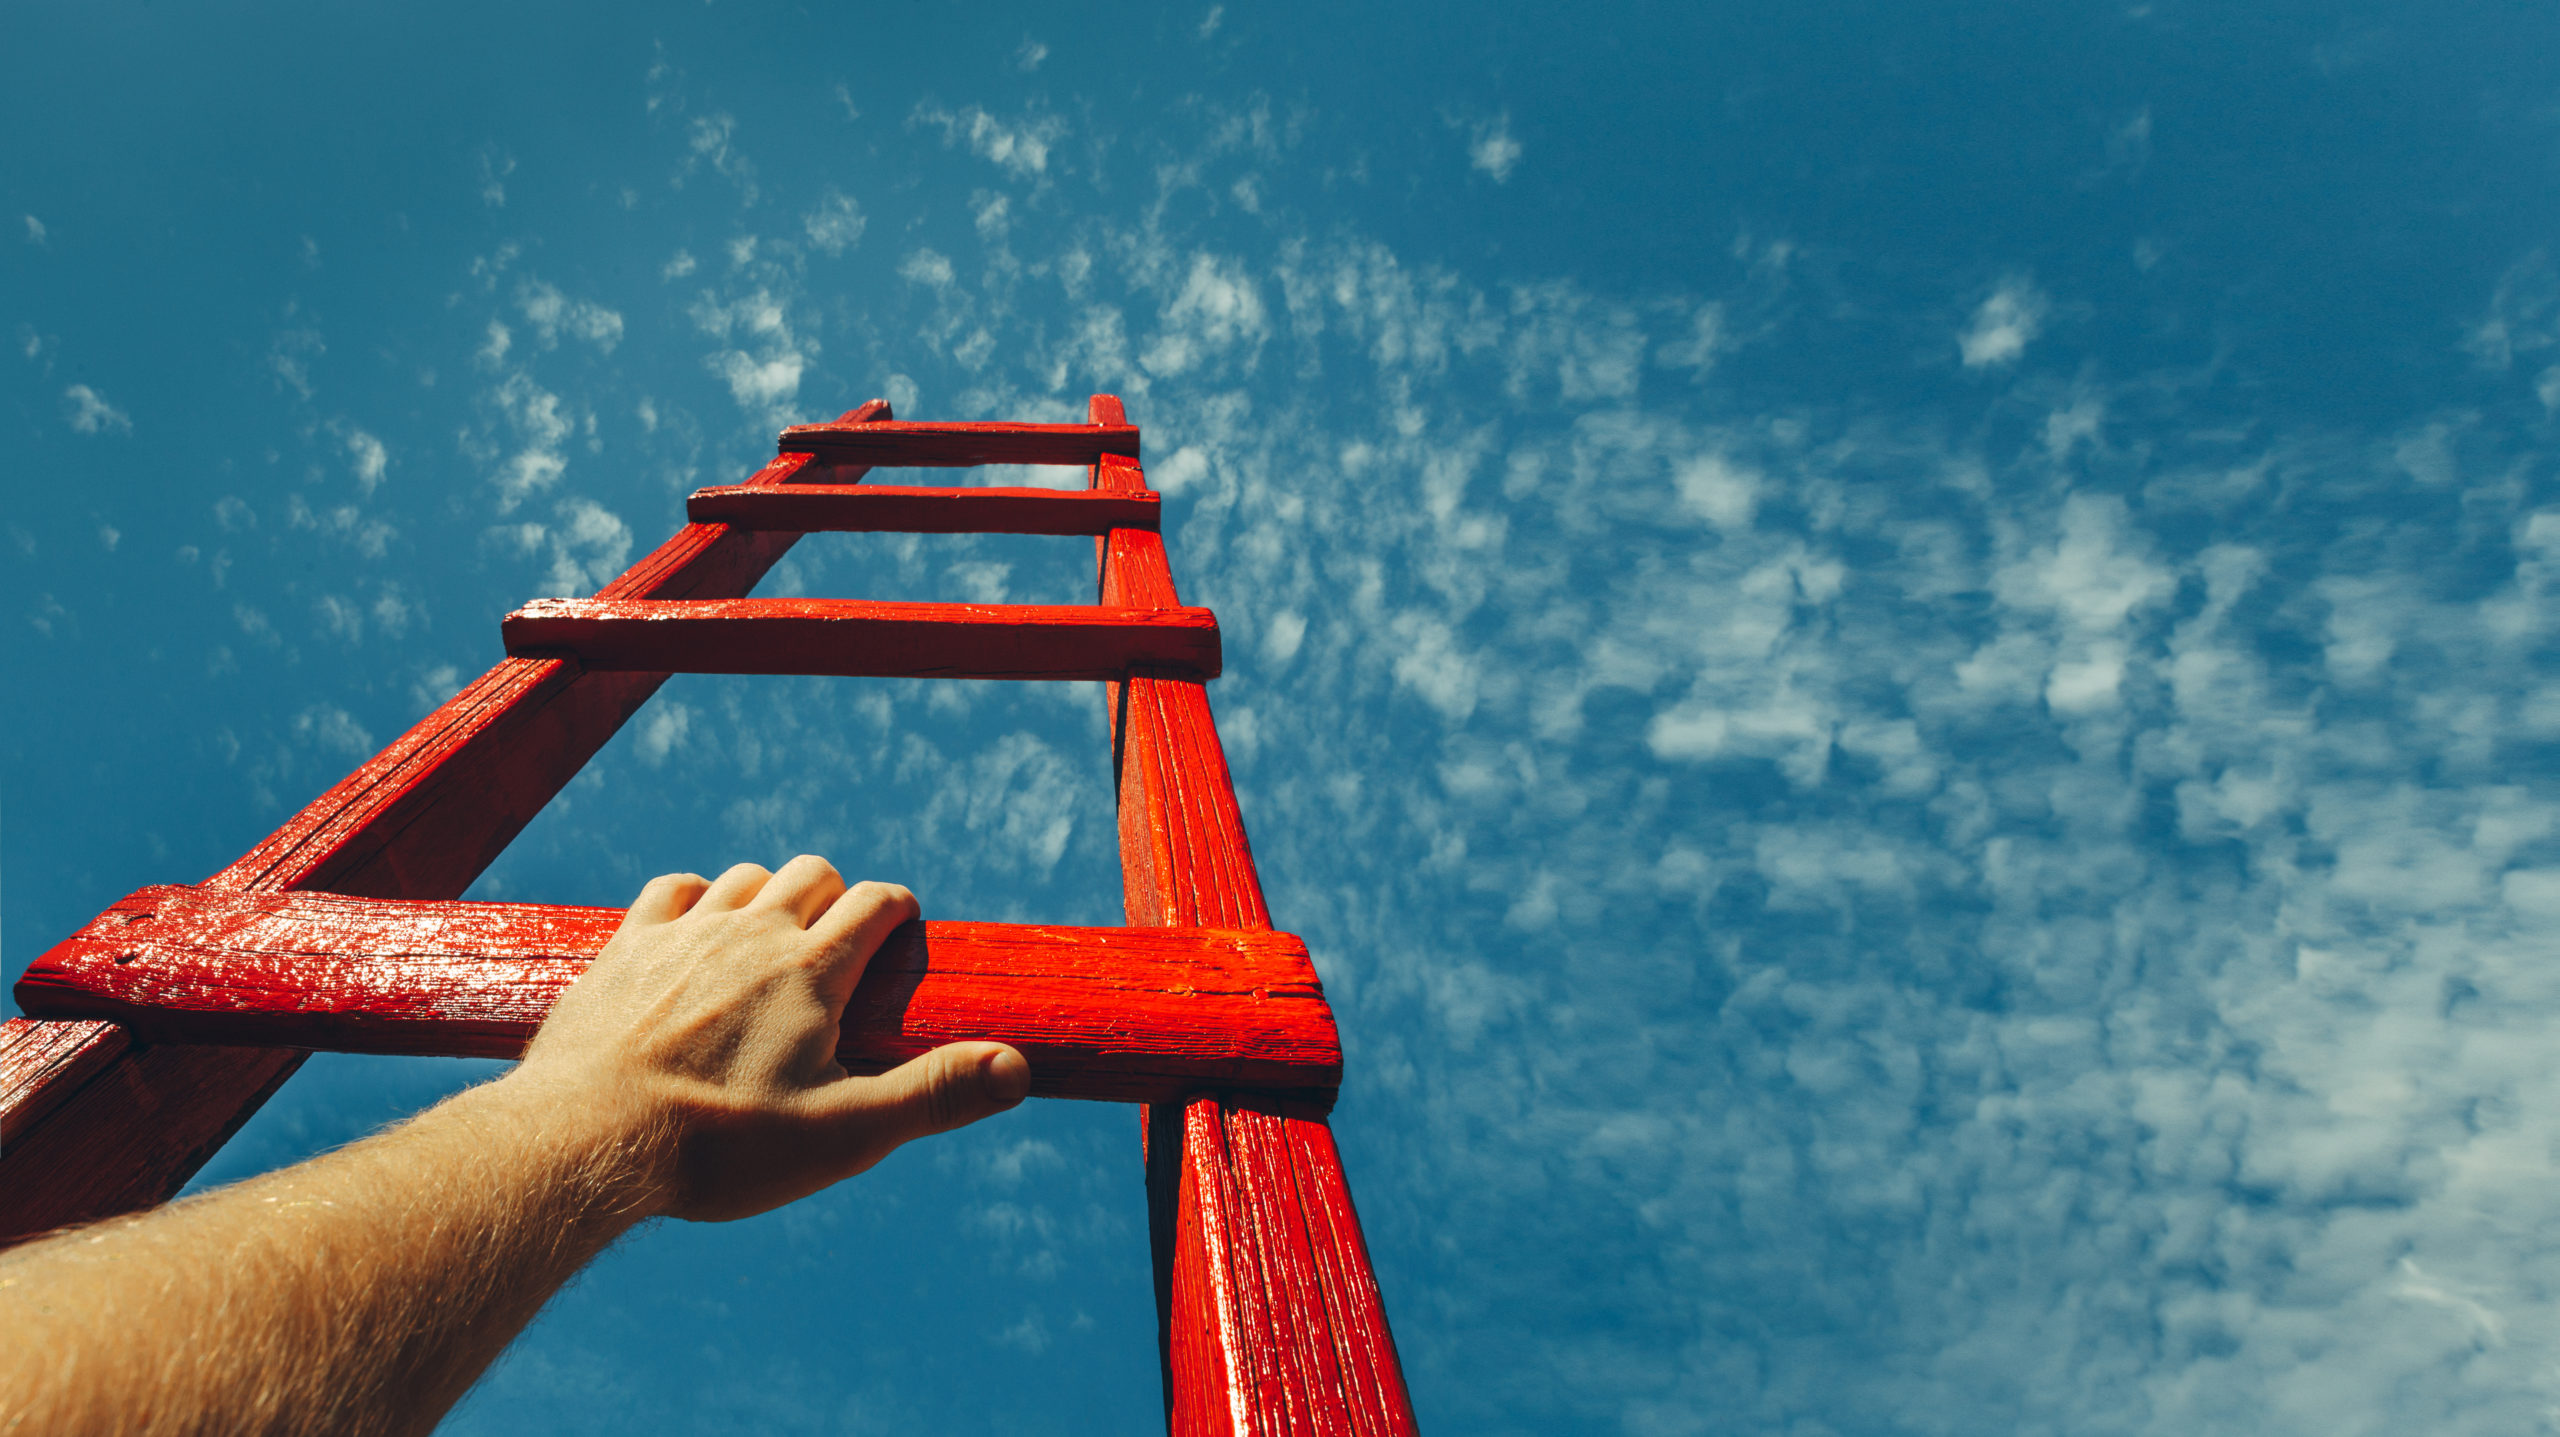 executive development / leadership coaching / business coaching / indywidualne plany rozwojowe / trening umiejętności menedżerskich